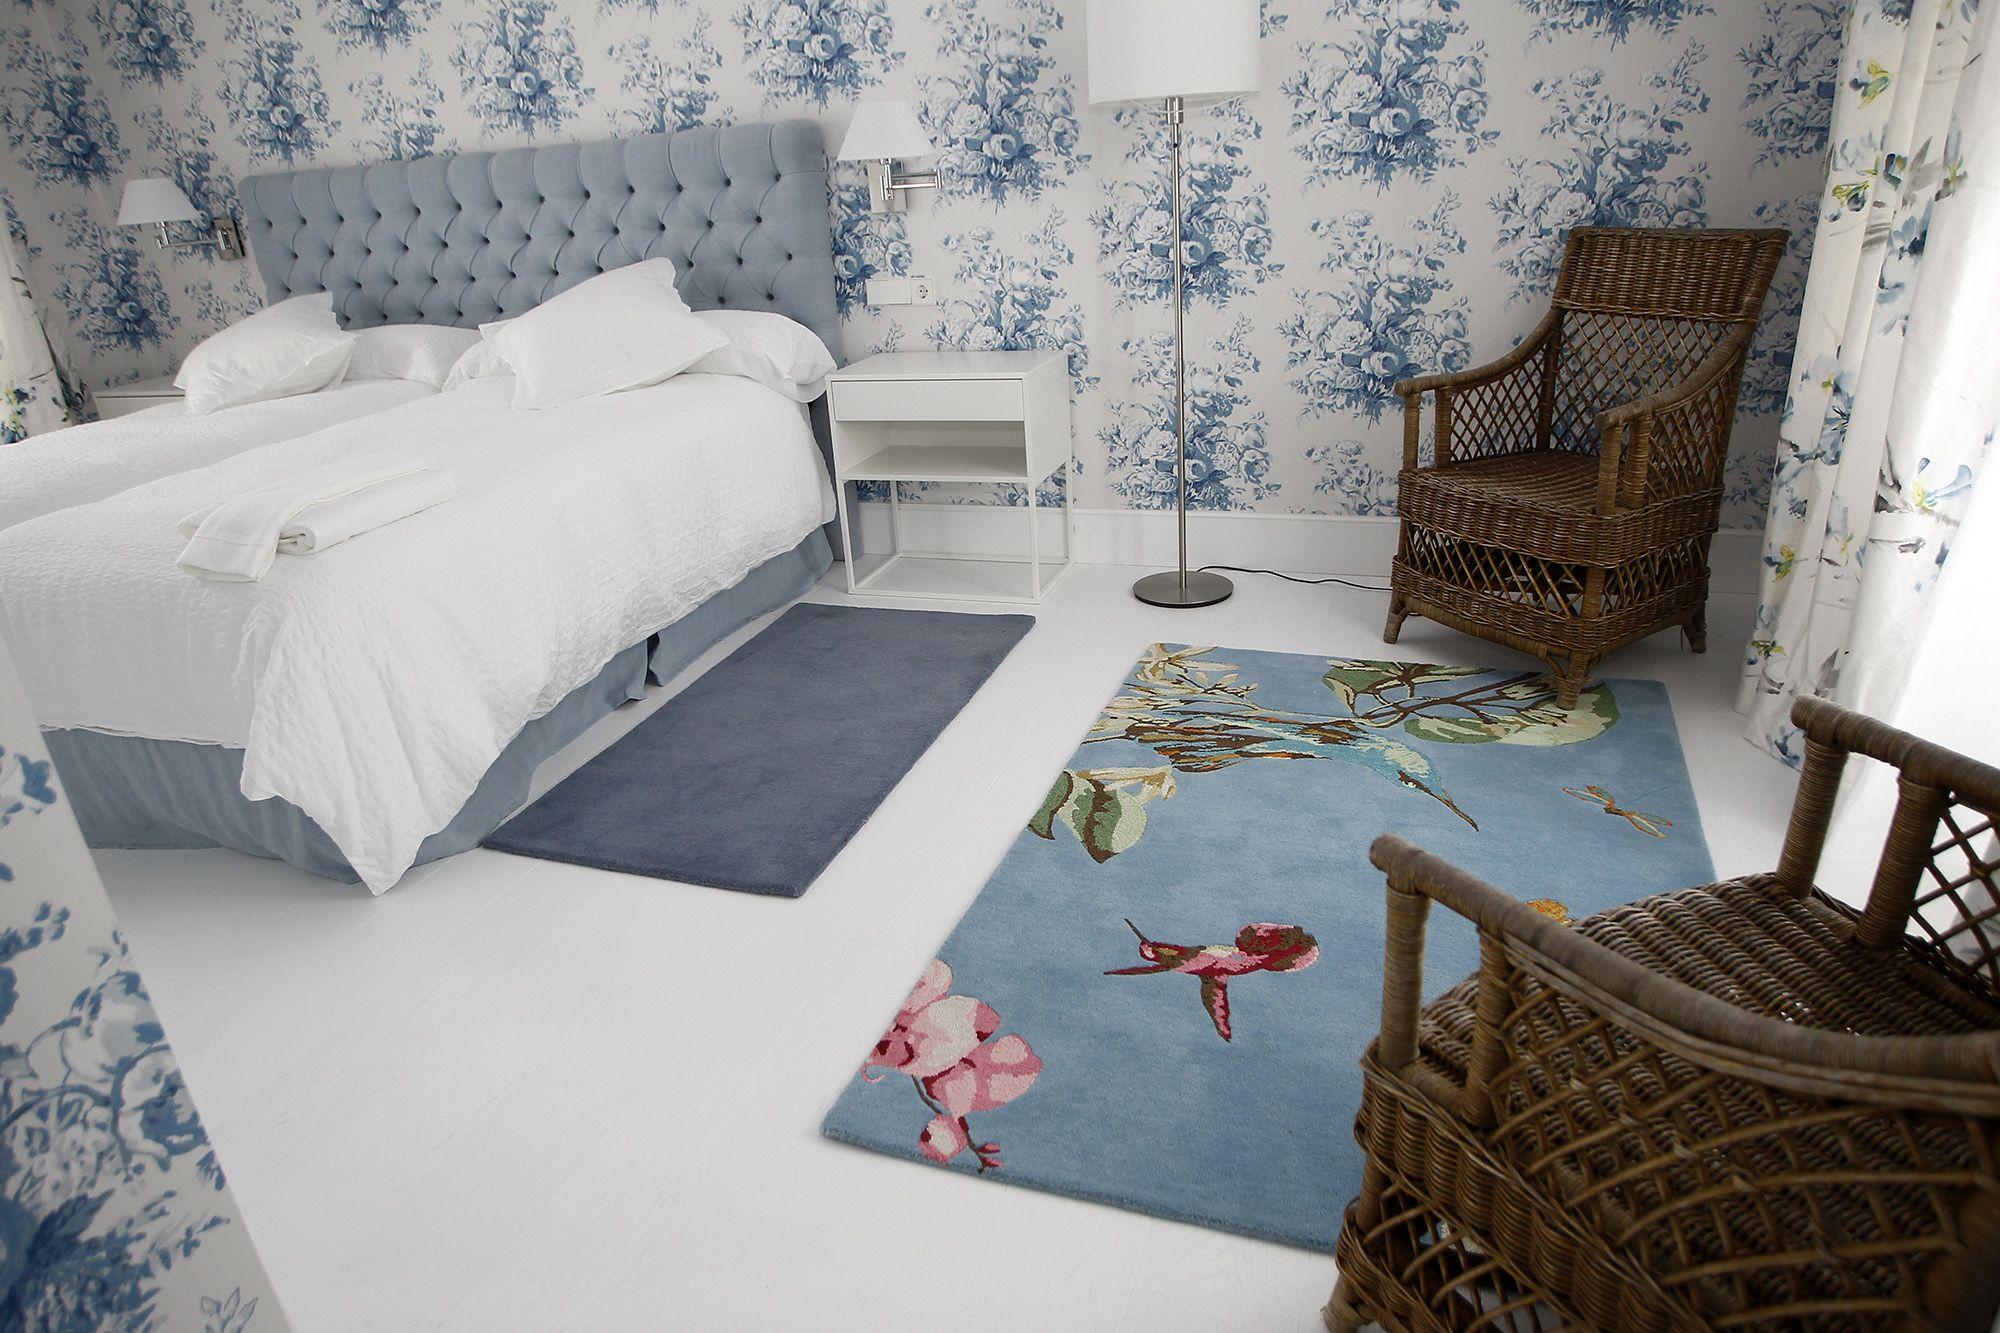 habitacion con suelo de parquet blanco